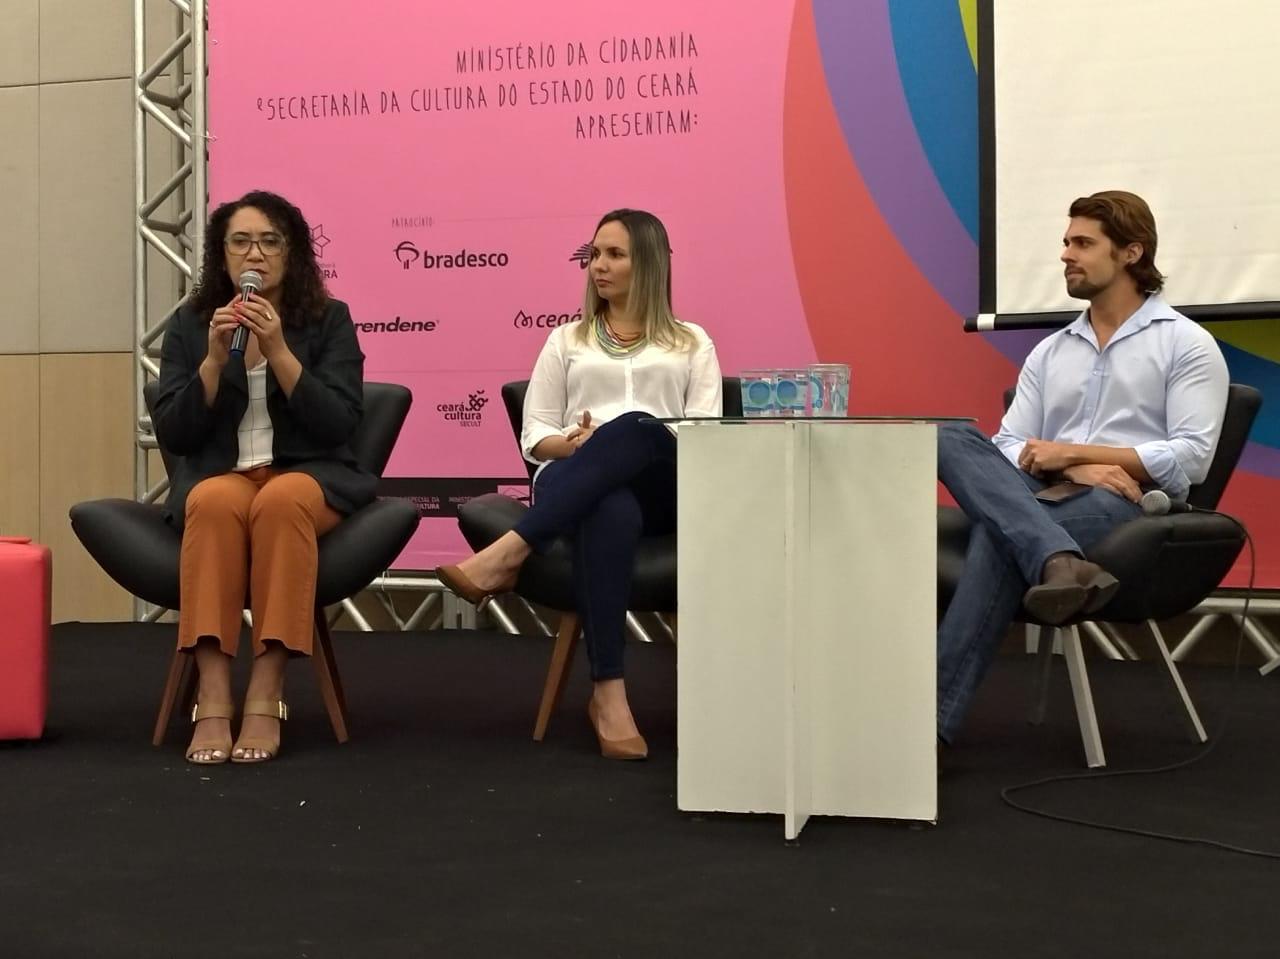 CODED/CED participa da XIII Bienal Internacional do Livro do Ceará